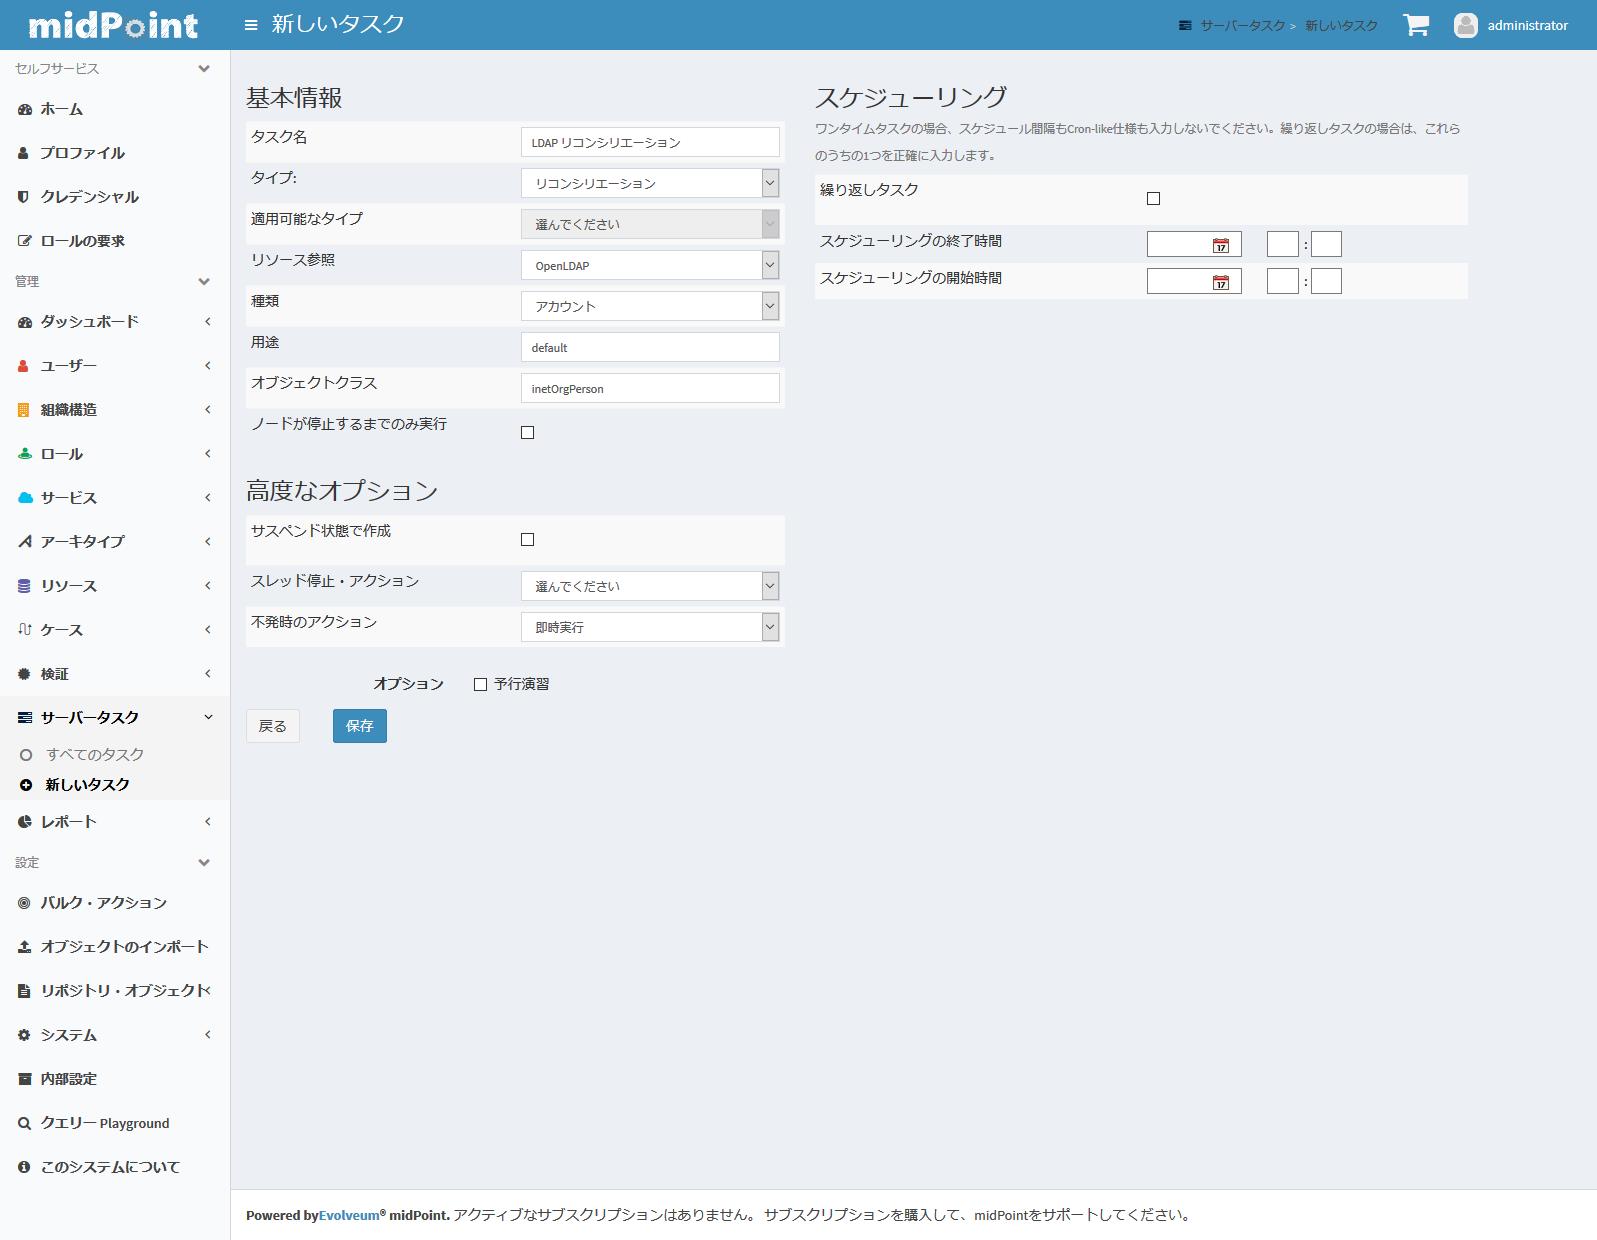 Screenshot_2019-12-02 新しいタスク.png